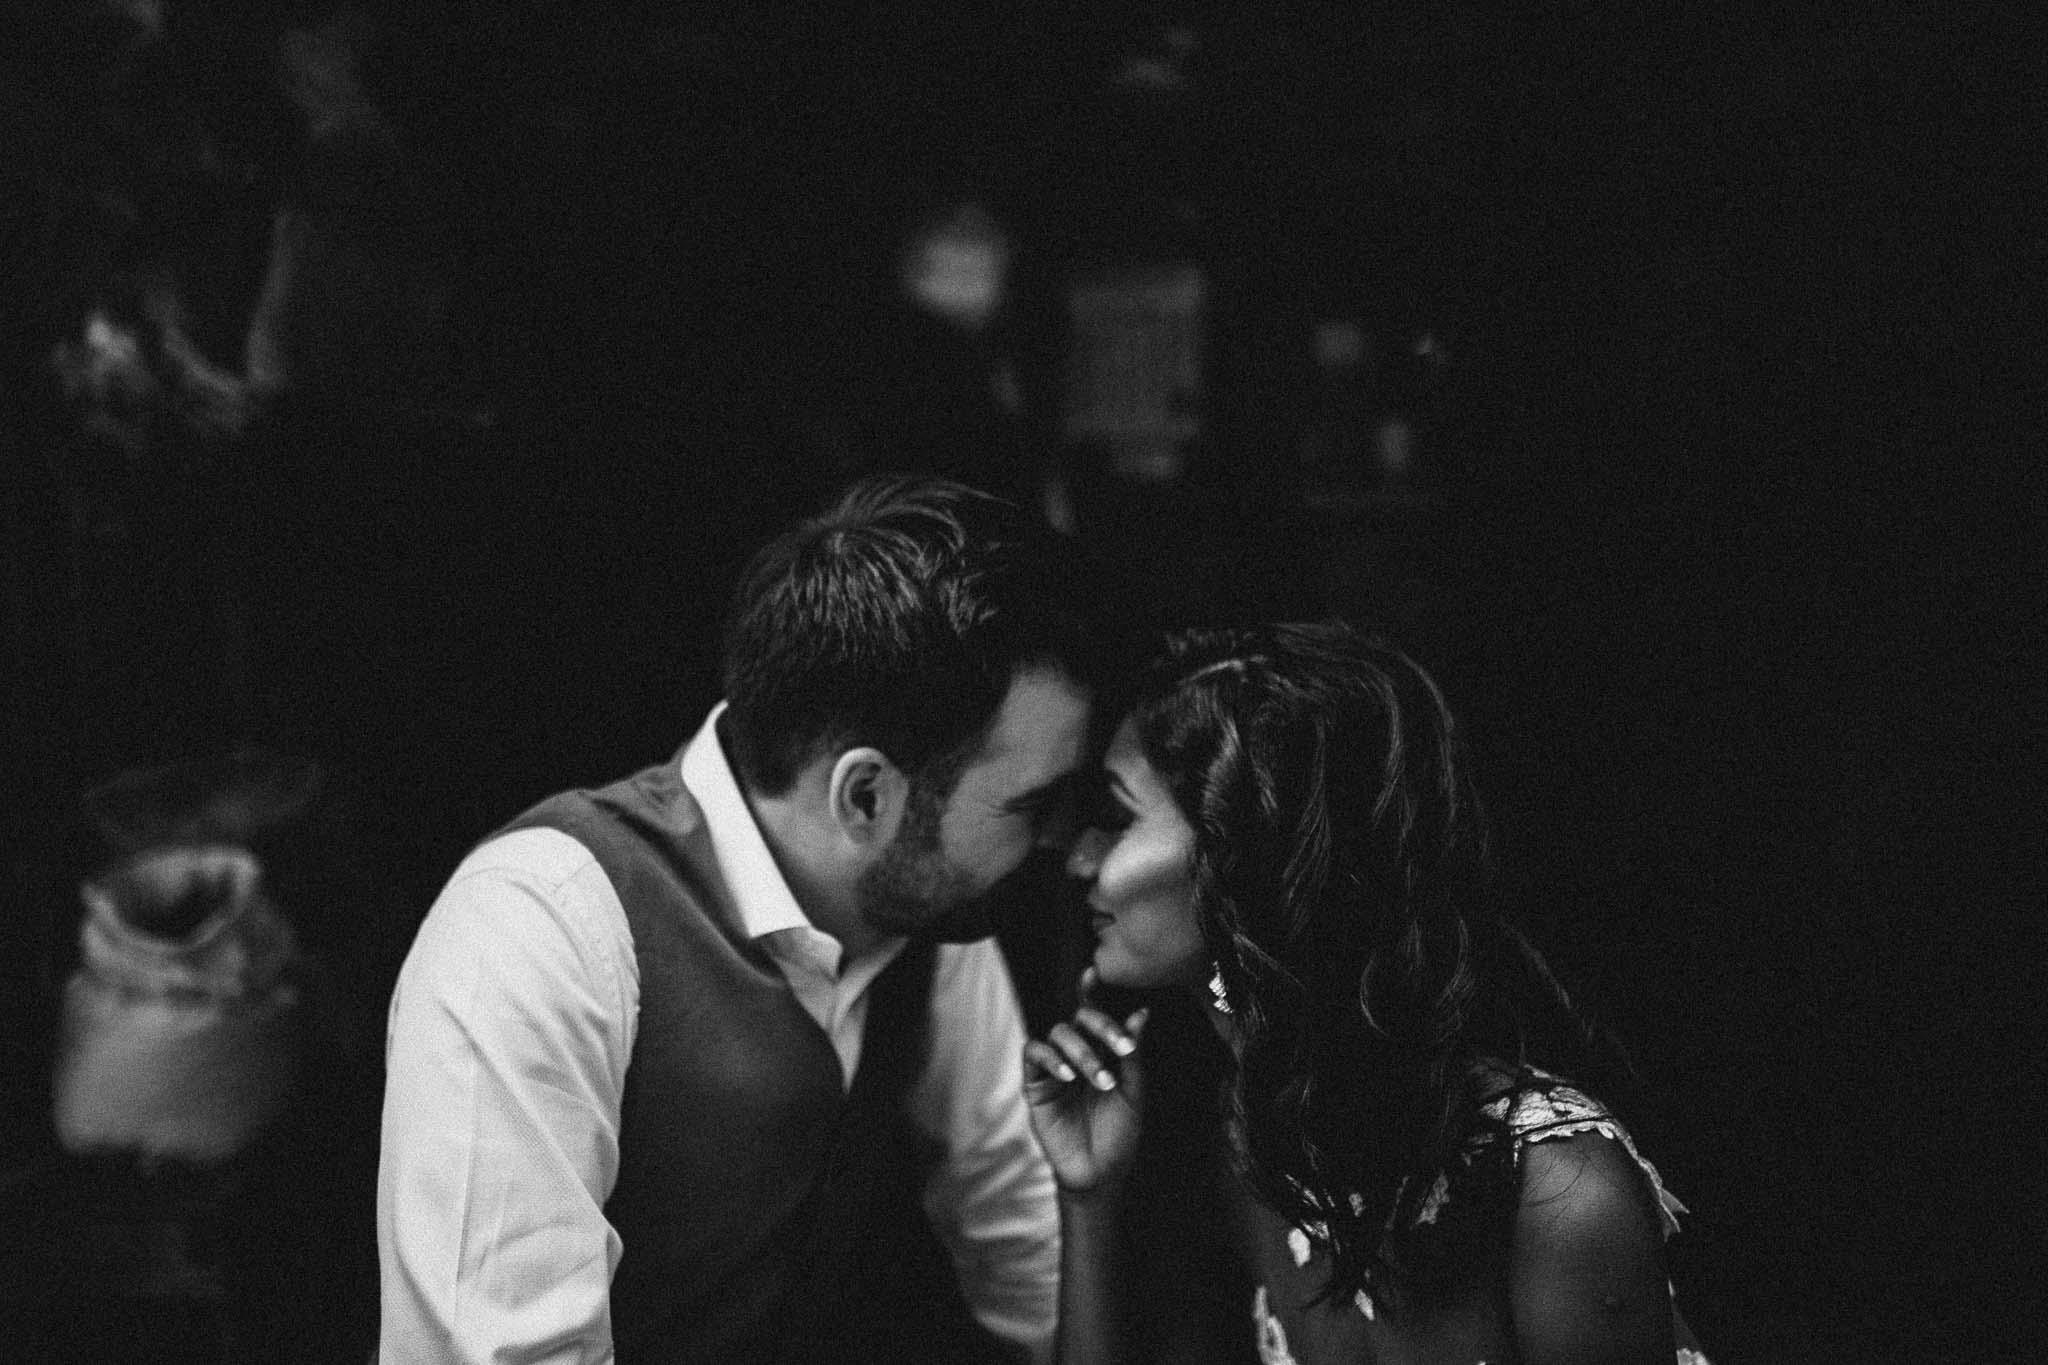 u&m-weddingsbyqay-lovesession-destinationweddingphotographer (97 of 160).jpg